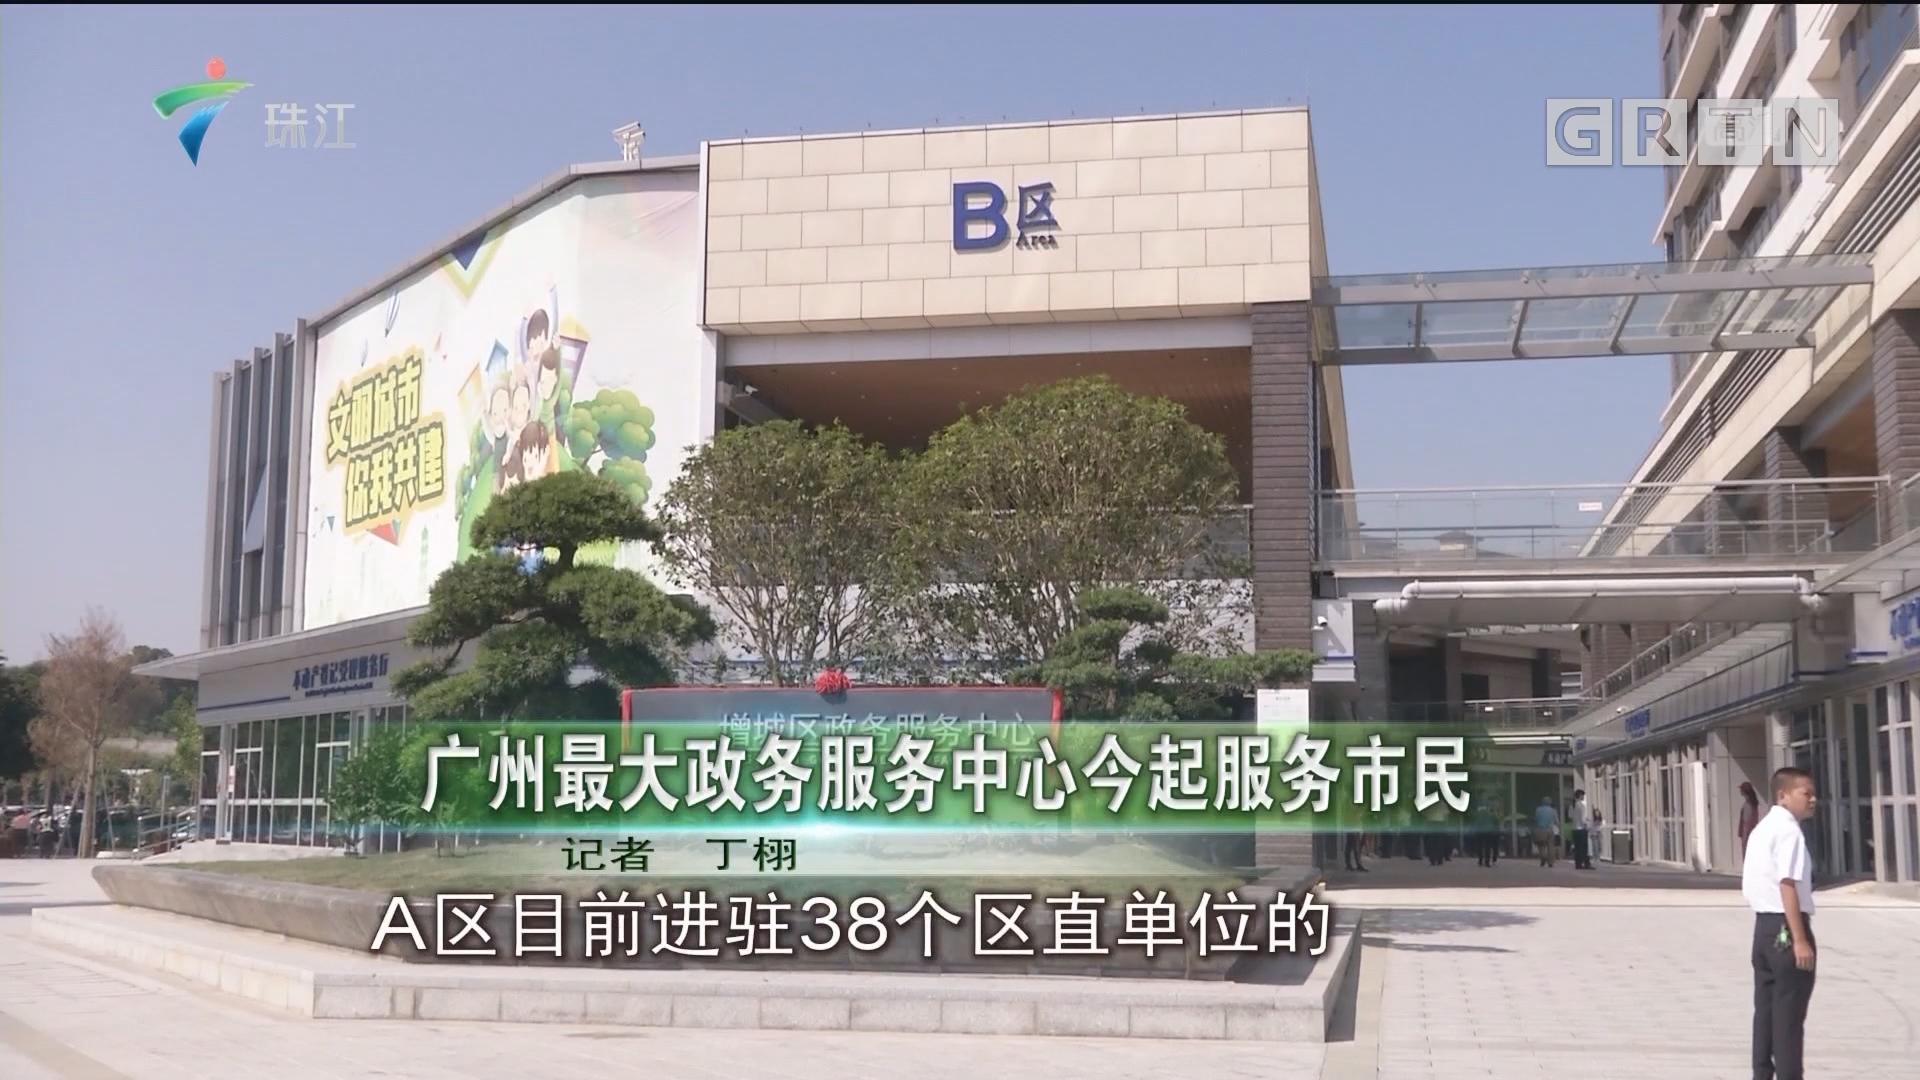 广州最大政务服务中心今起服务市民